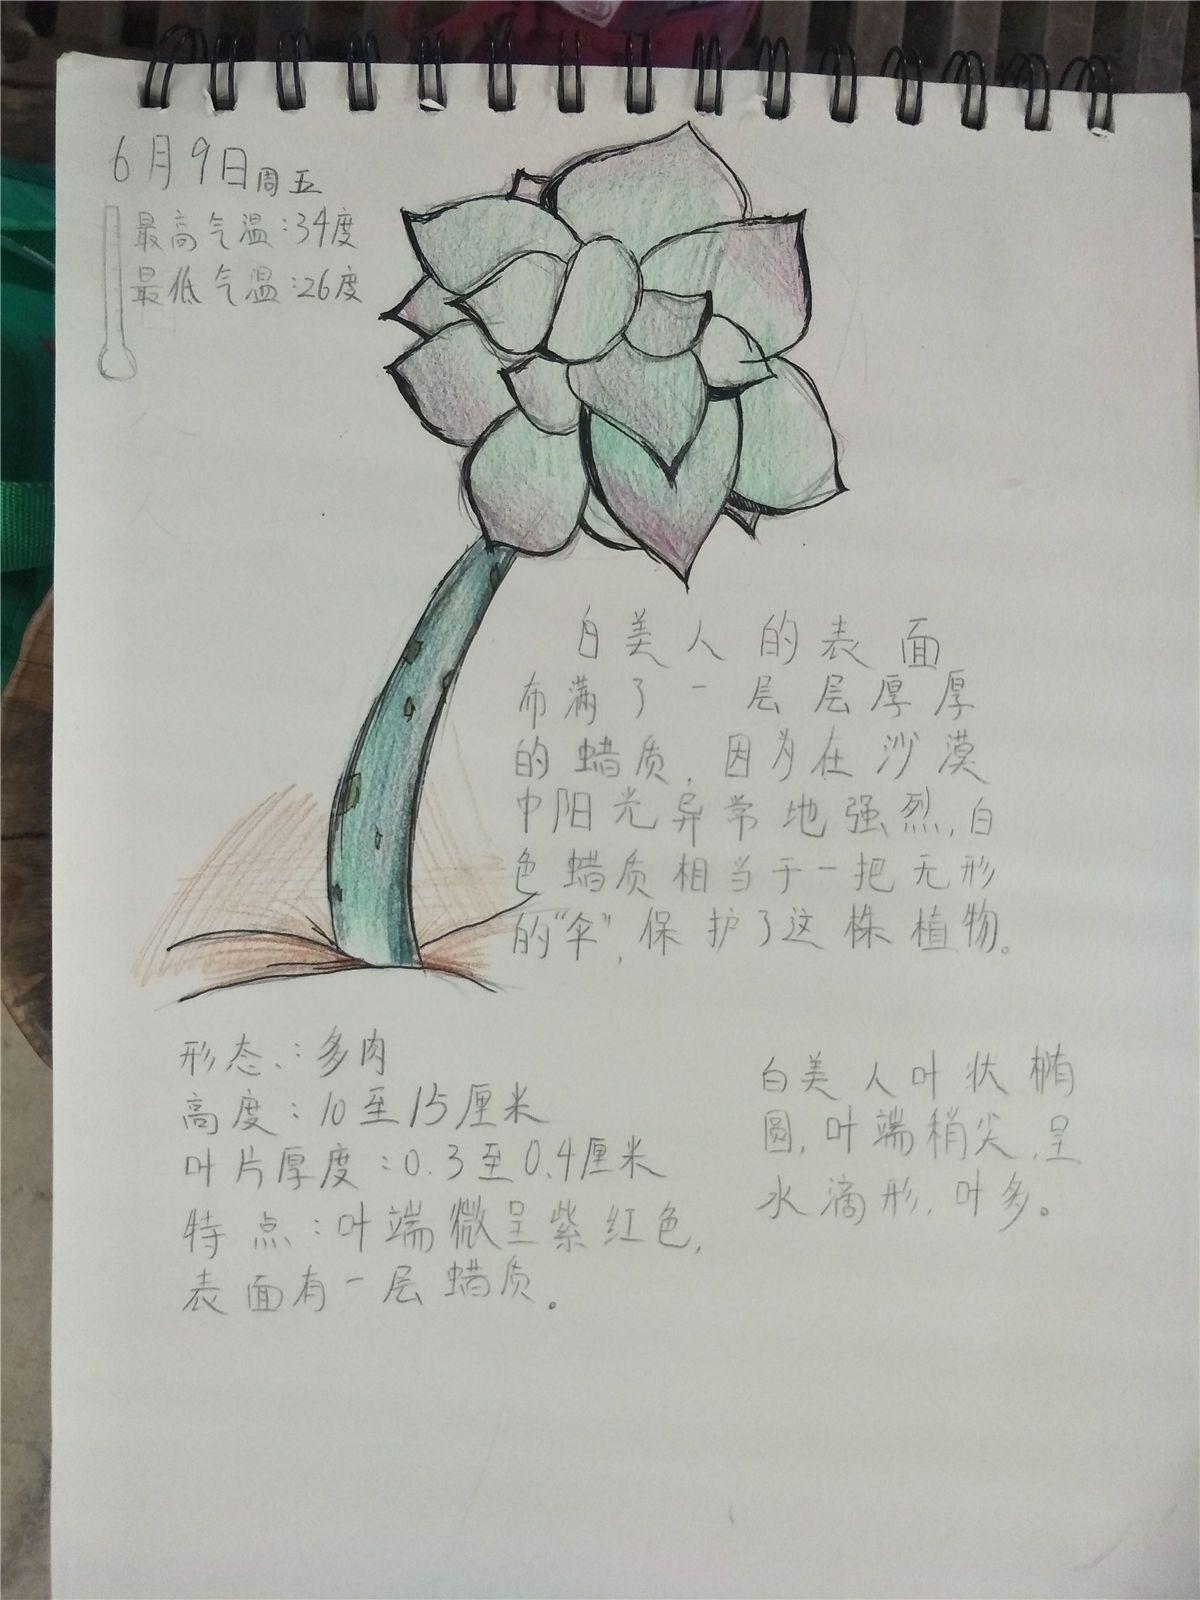 1  创意手工:  豆子拼贴画,叶脉书签,自然笔记,贺卡diy,树叶拼贴画图片